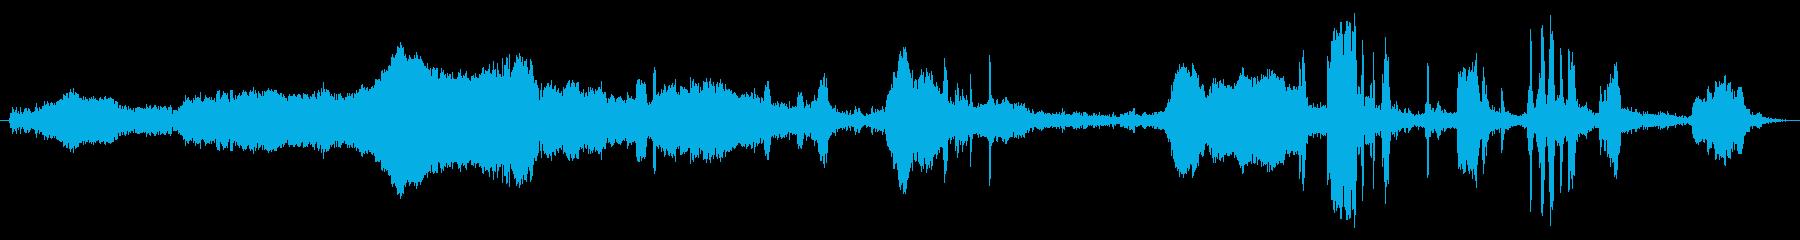 黒い黒板:ロングピアスフォークスクラッチの再生済みの波形